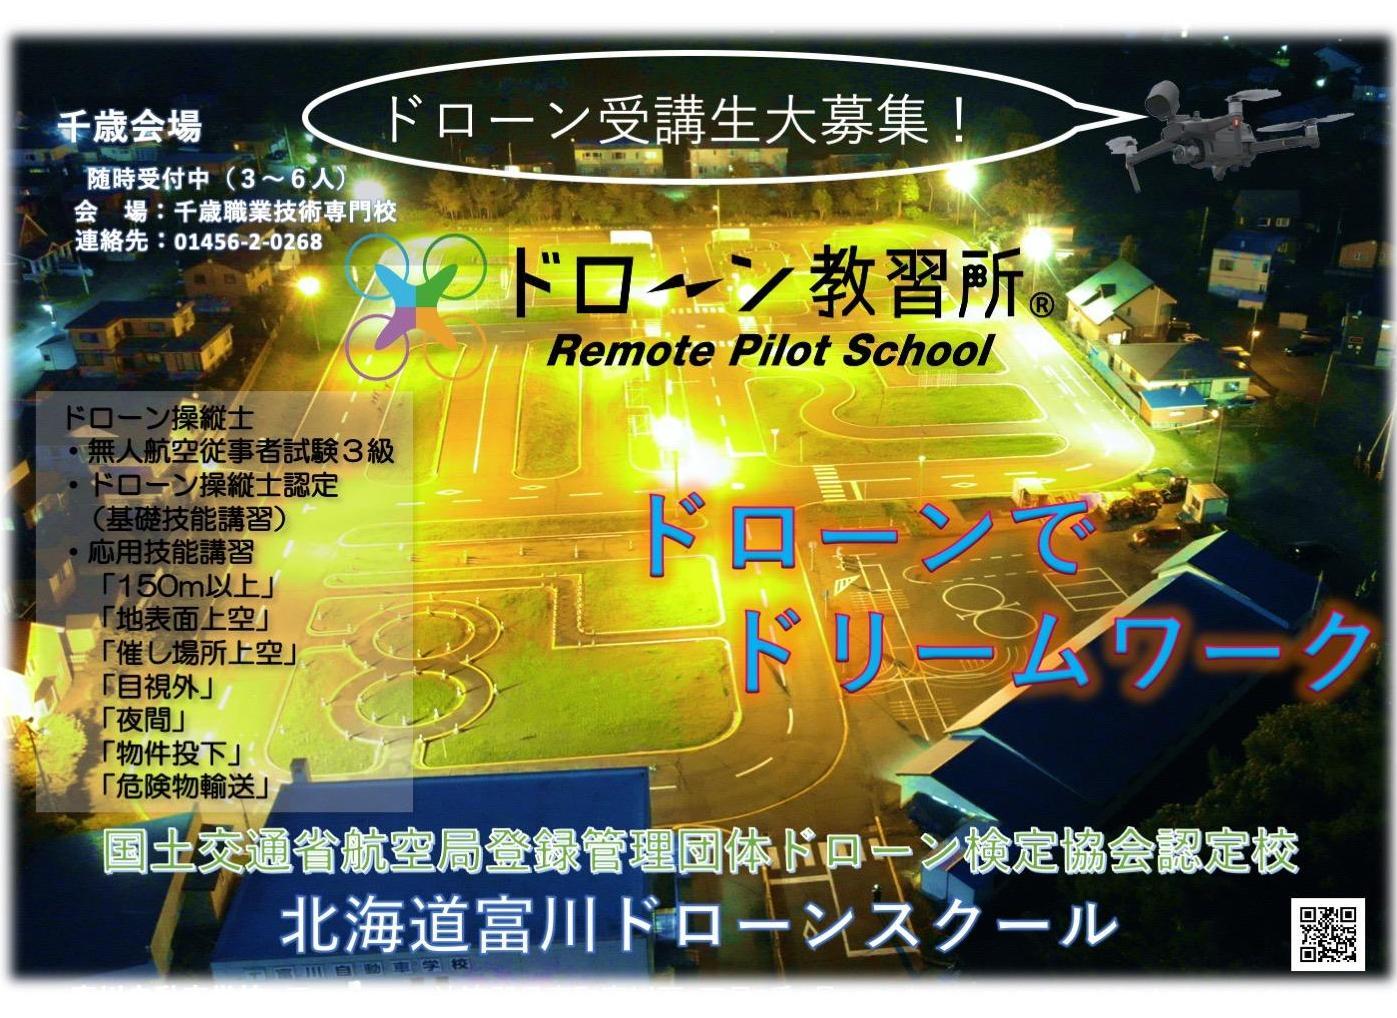 ドローン教習所北海道富川ドローンスクール校サブ画像2